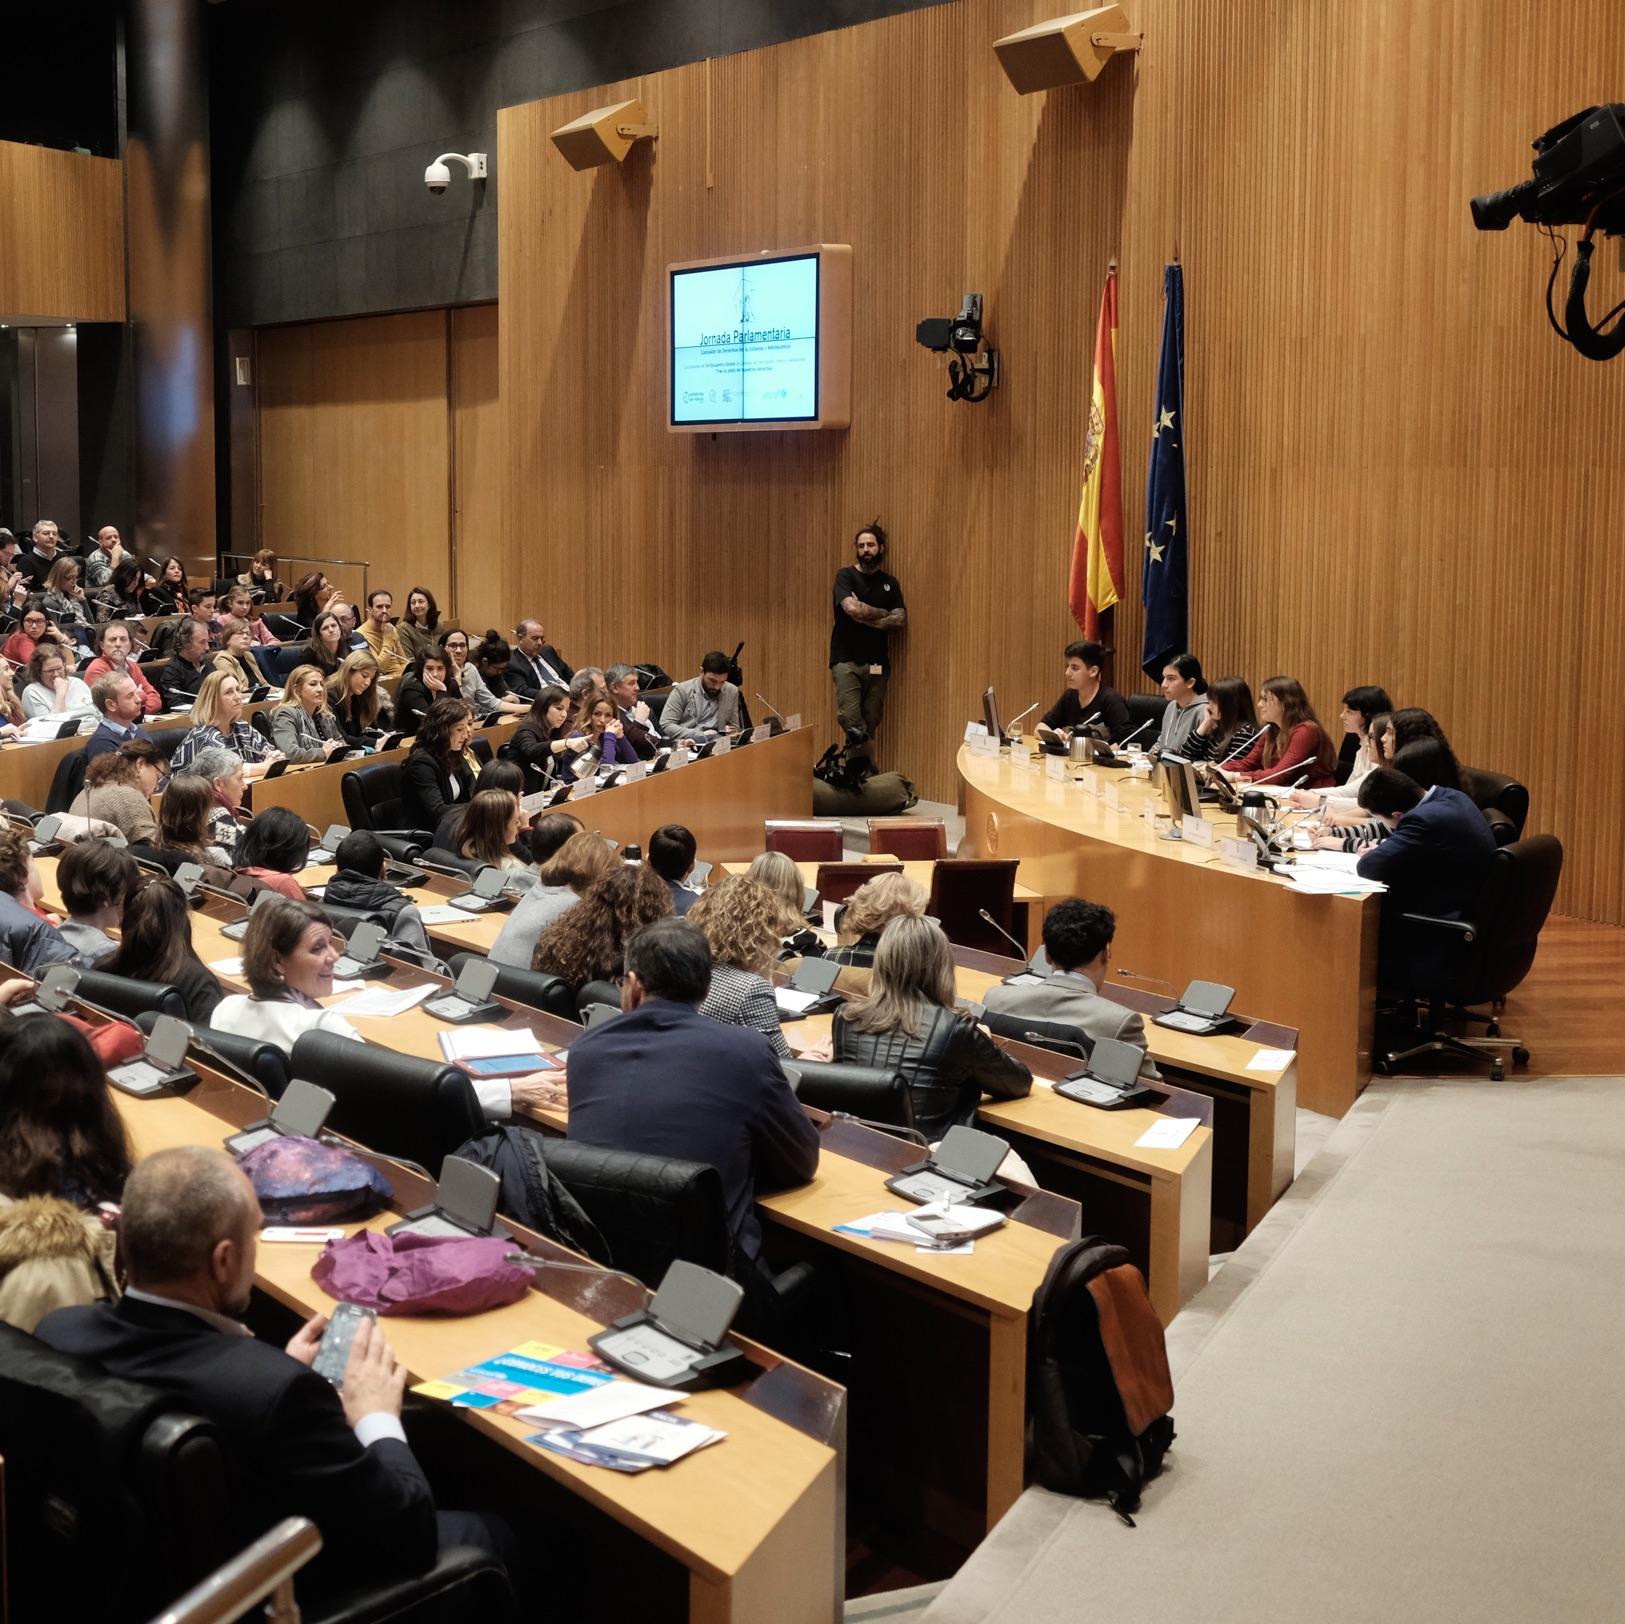 El 24 de enero la infancia vuelve al Congreso de los Diputados para conocer los avances de sus propuestas